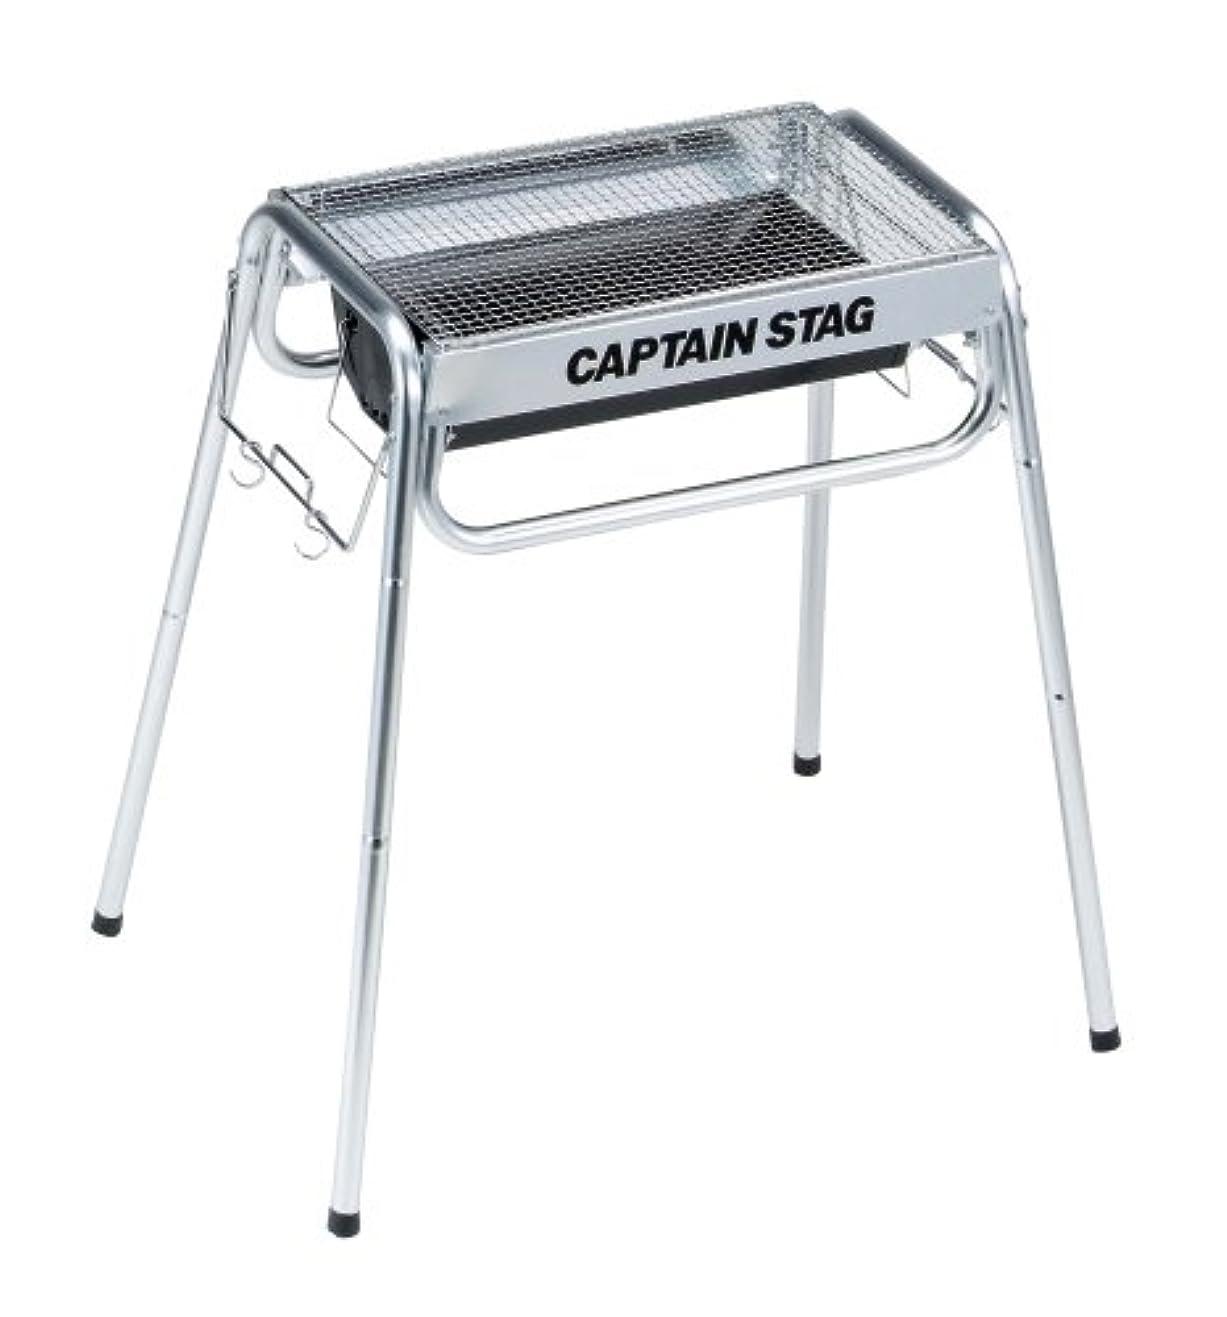 狼みがきます望まないキャプテンスタッグ(CAPTAIN STAG) BBQ用 コンロ アルミスライドグリルフレーム450 スライド [3~4人用]M-6491